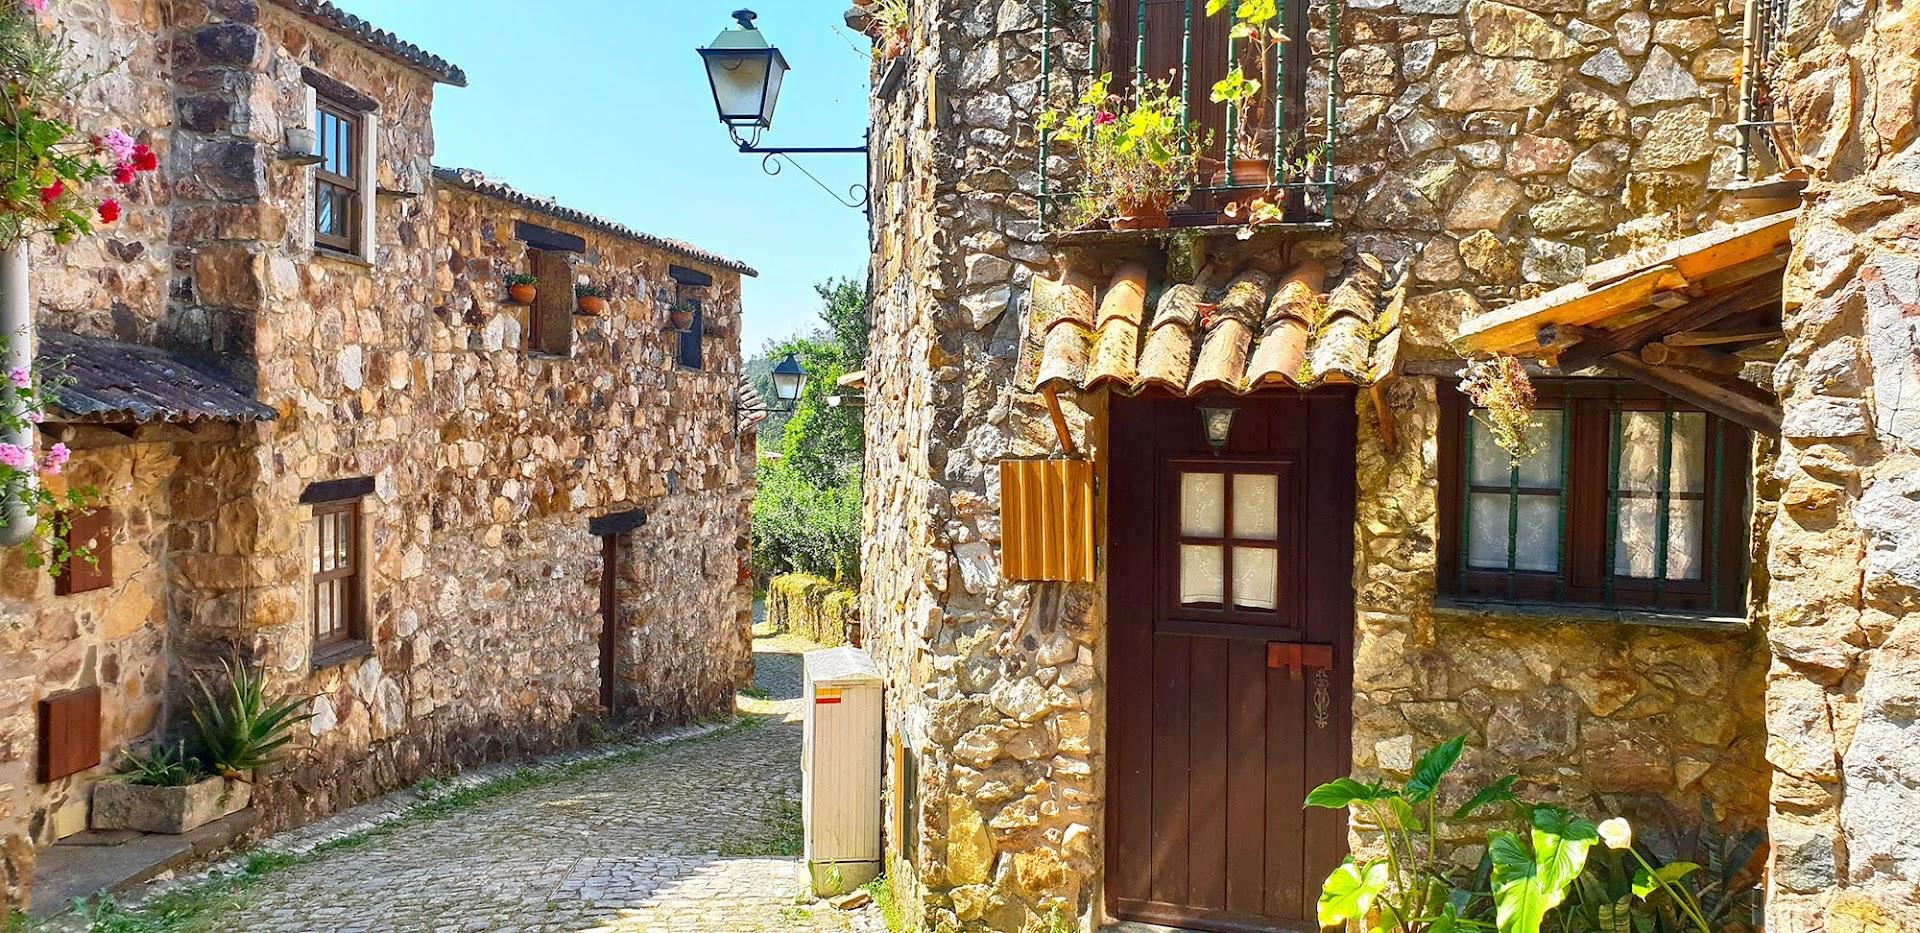 Visitar o novo PASSADIÇO DAS FRAGAS DE SÃO SIMÃO, na Serra da Lousã | Portugal